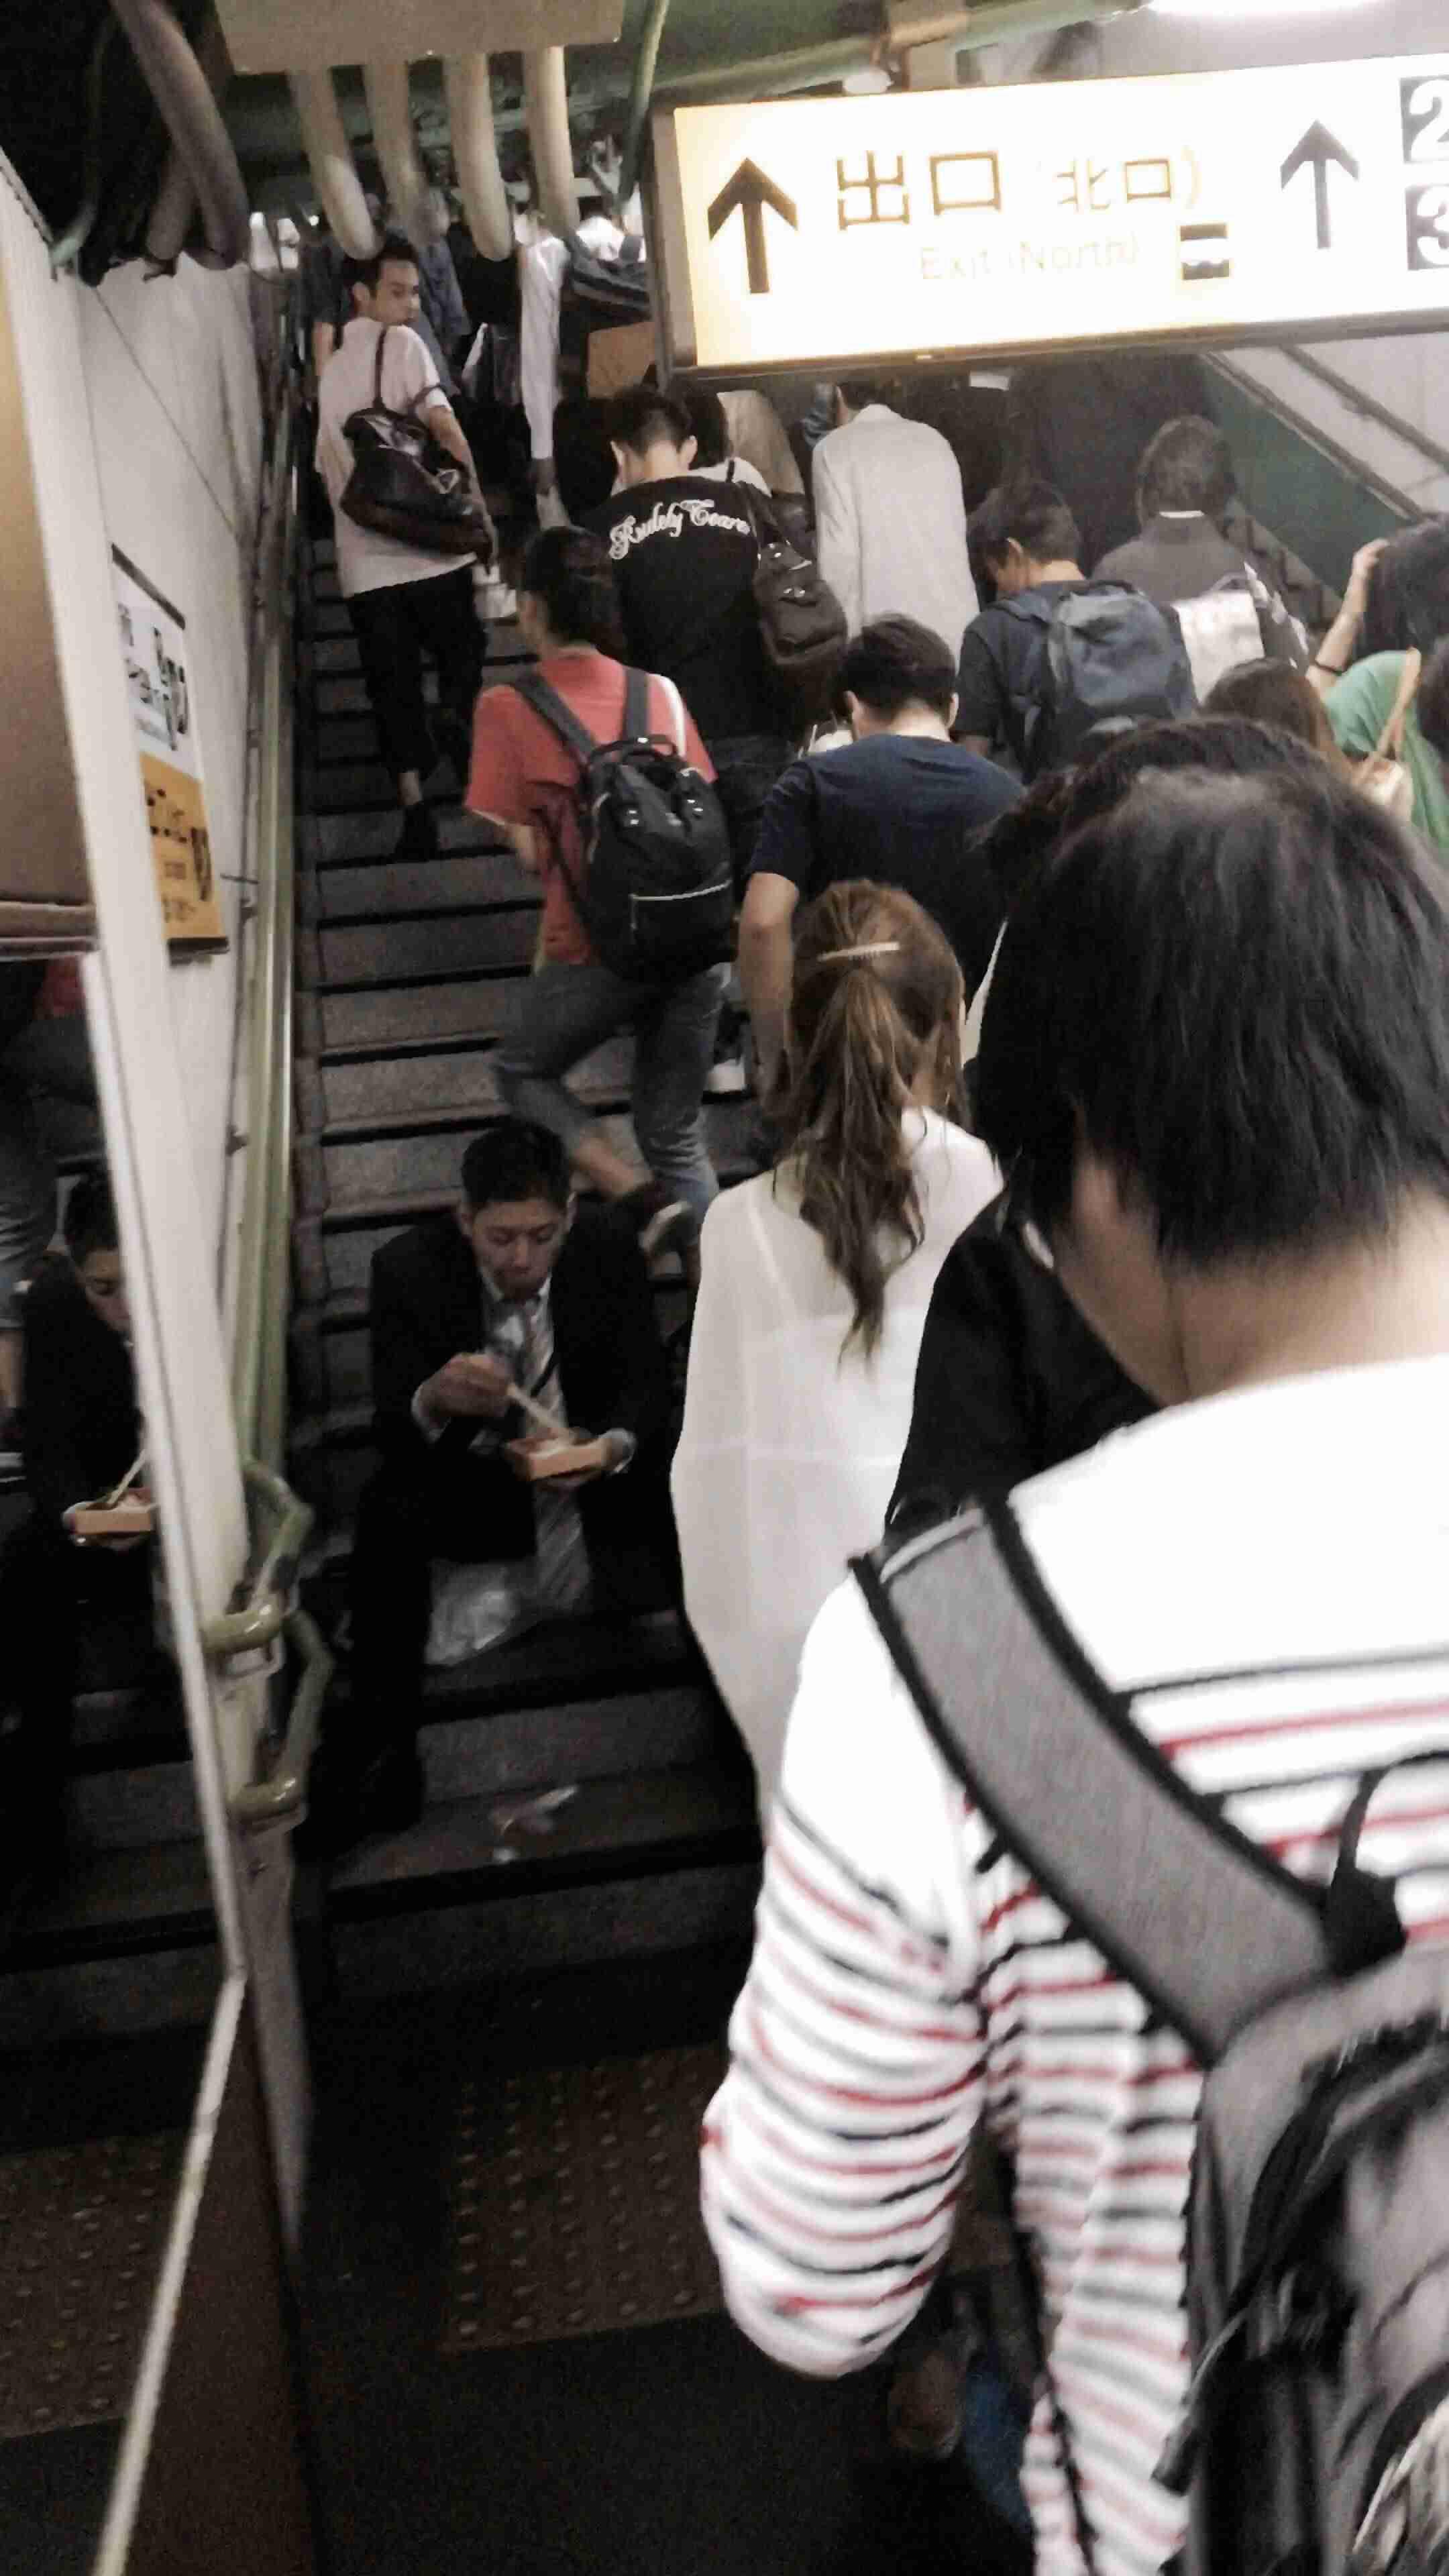 「駅と電車内の迷惑行為ランキング」発表 2位は「座席の座り方」、1位は9年連続で…